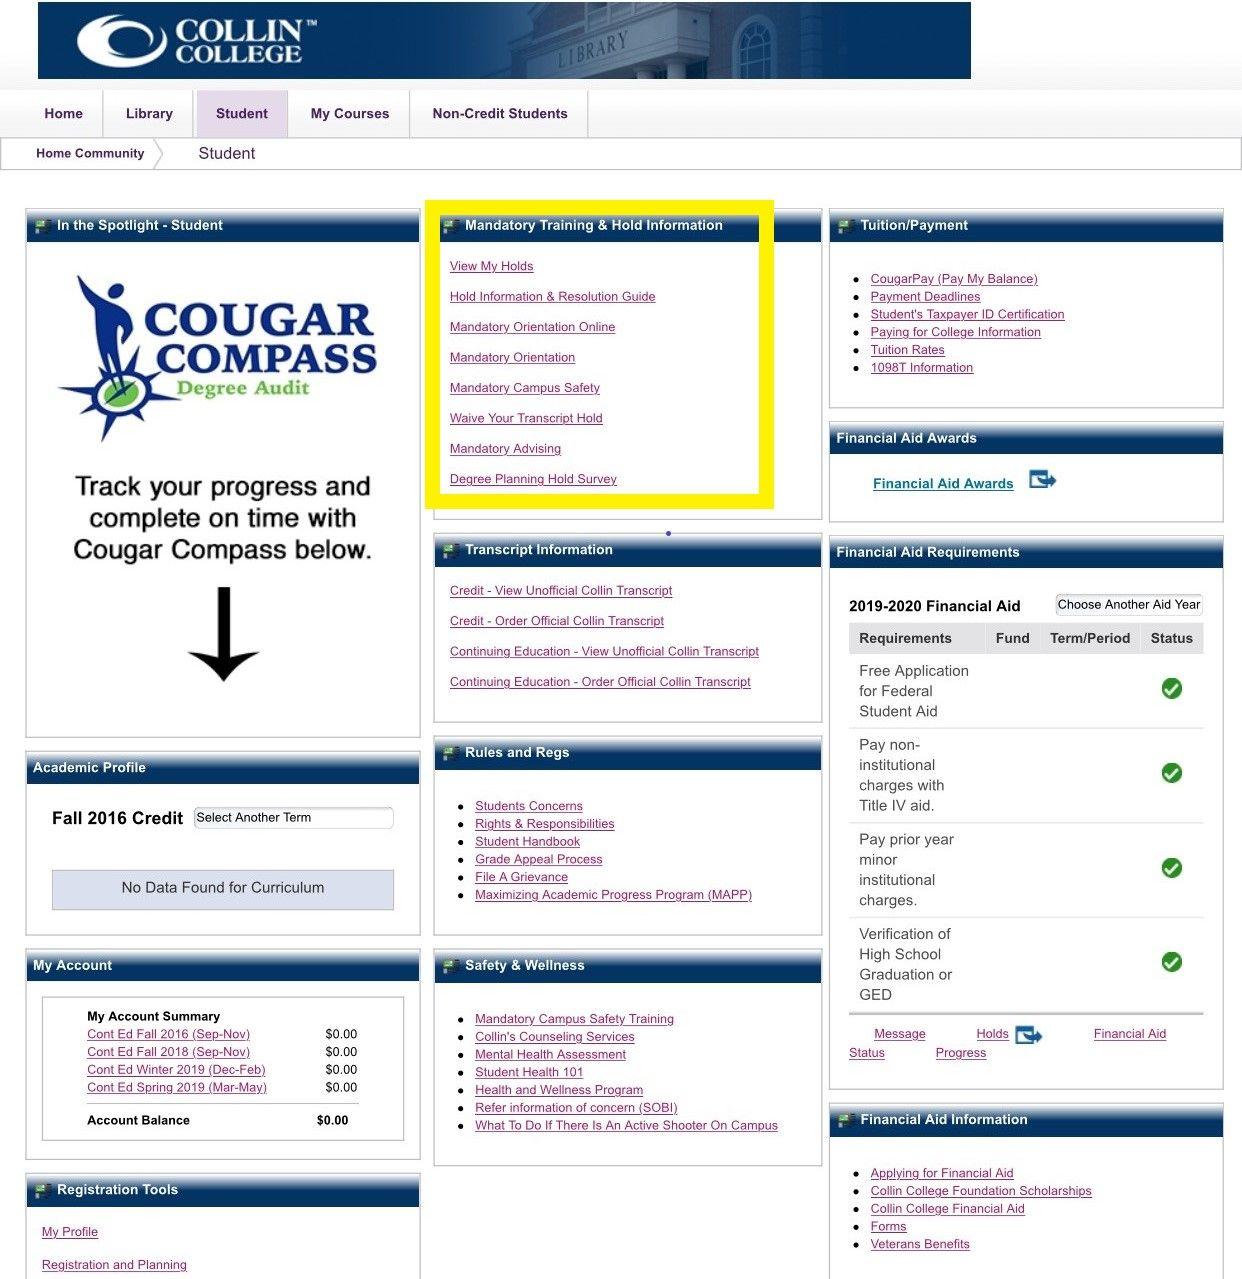 Photos of Collin College 2021 Calendar